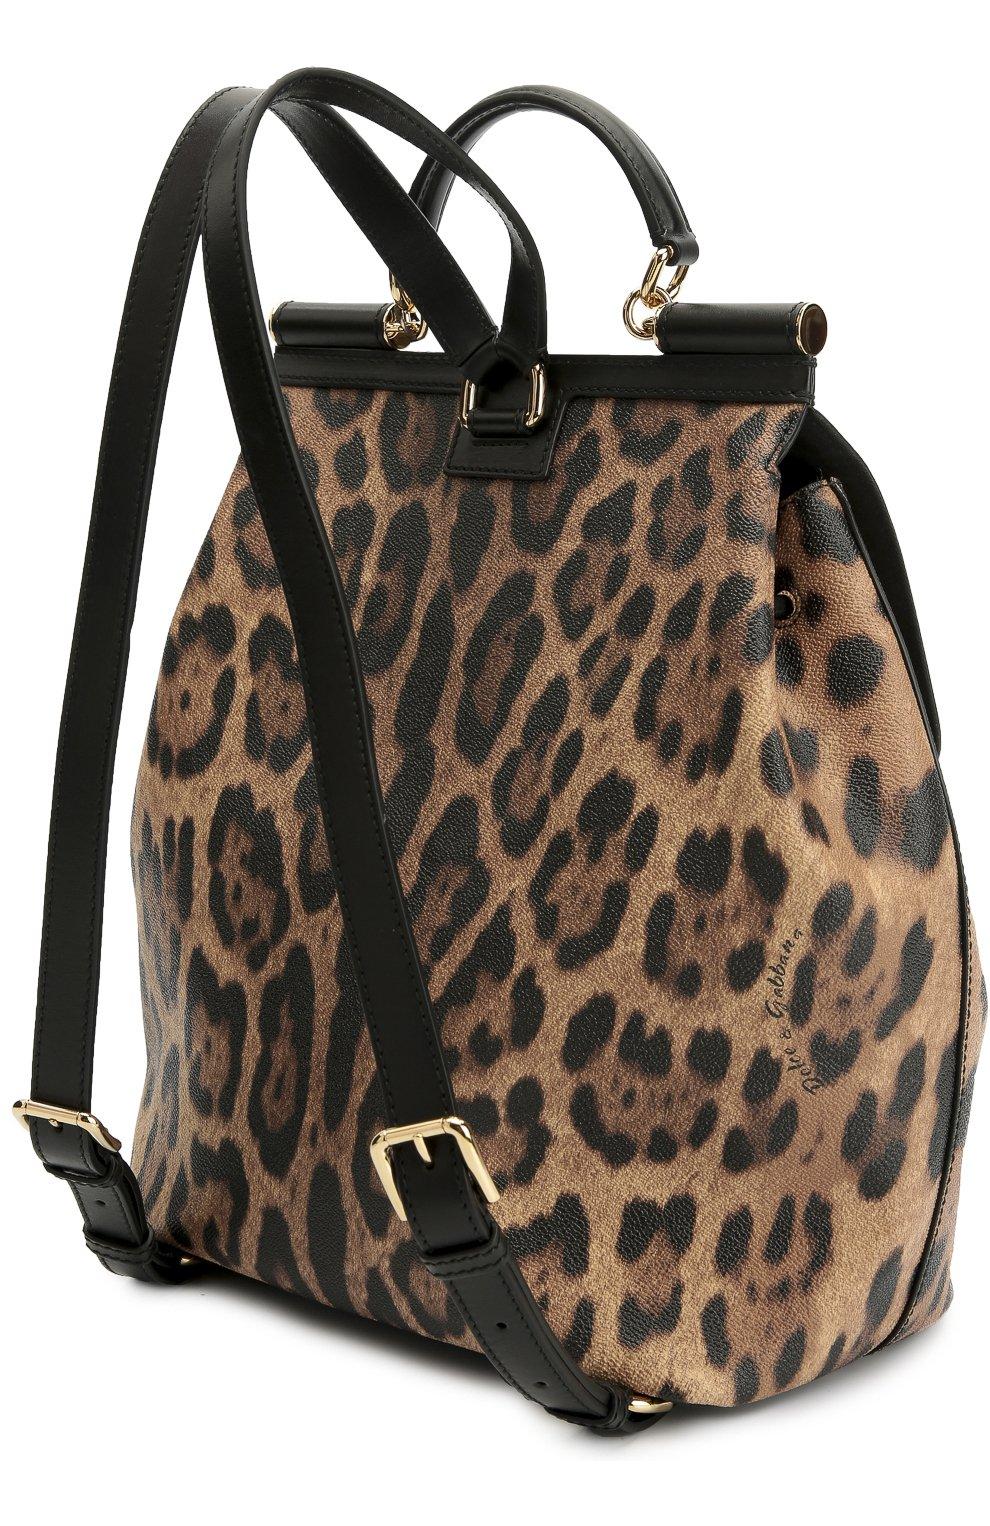 Рюкзак Sicily с леопардовым принтом Dolce & Gabbana леопардовый | Фото №3